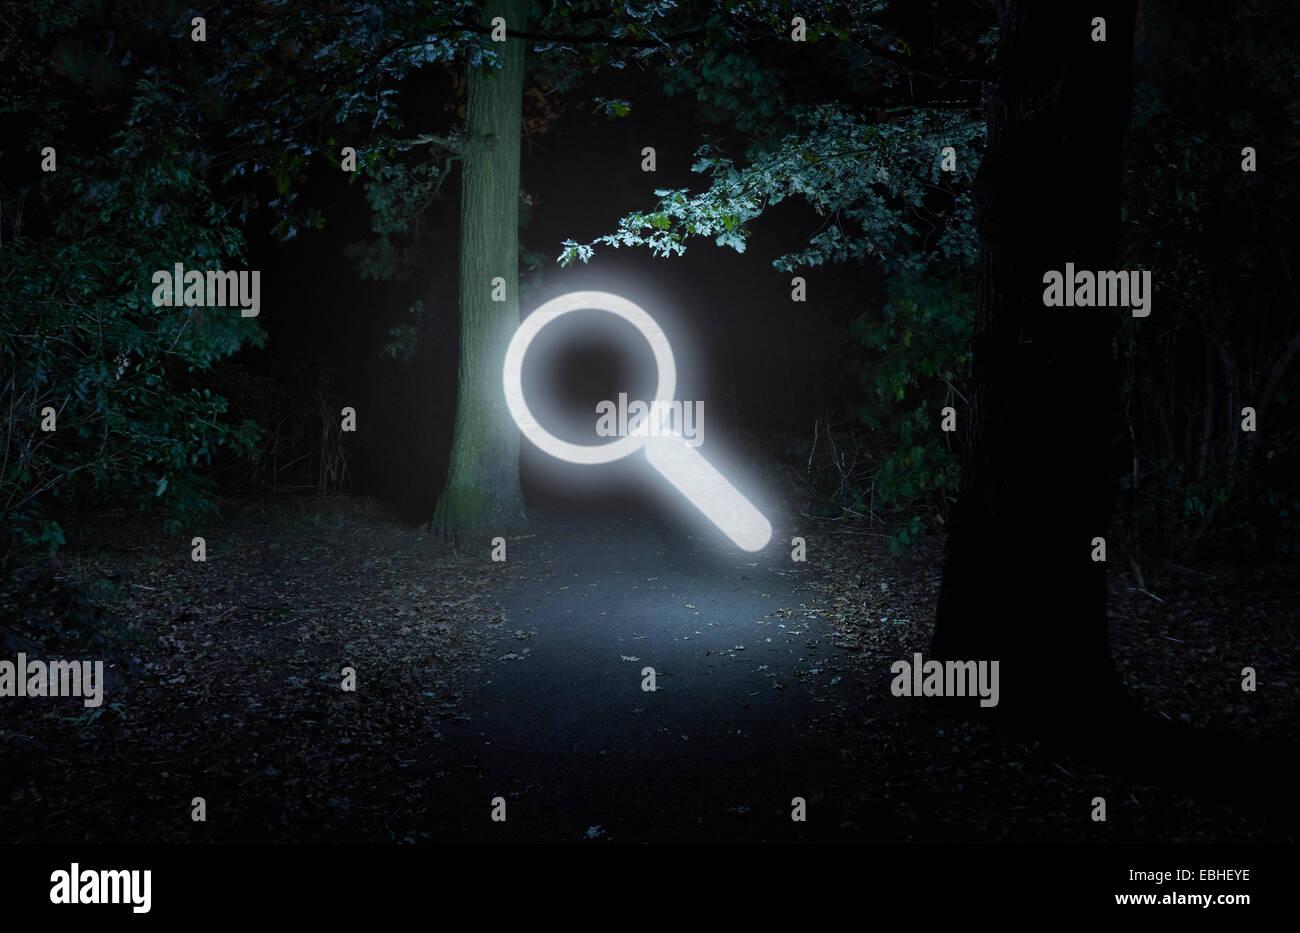 Bosque iluminado en la noche, con el símbolo de búsqueda Imagen De Stock